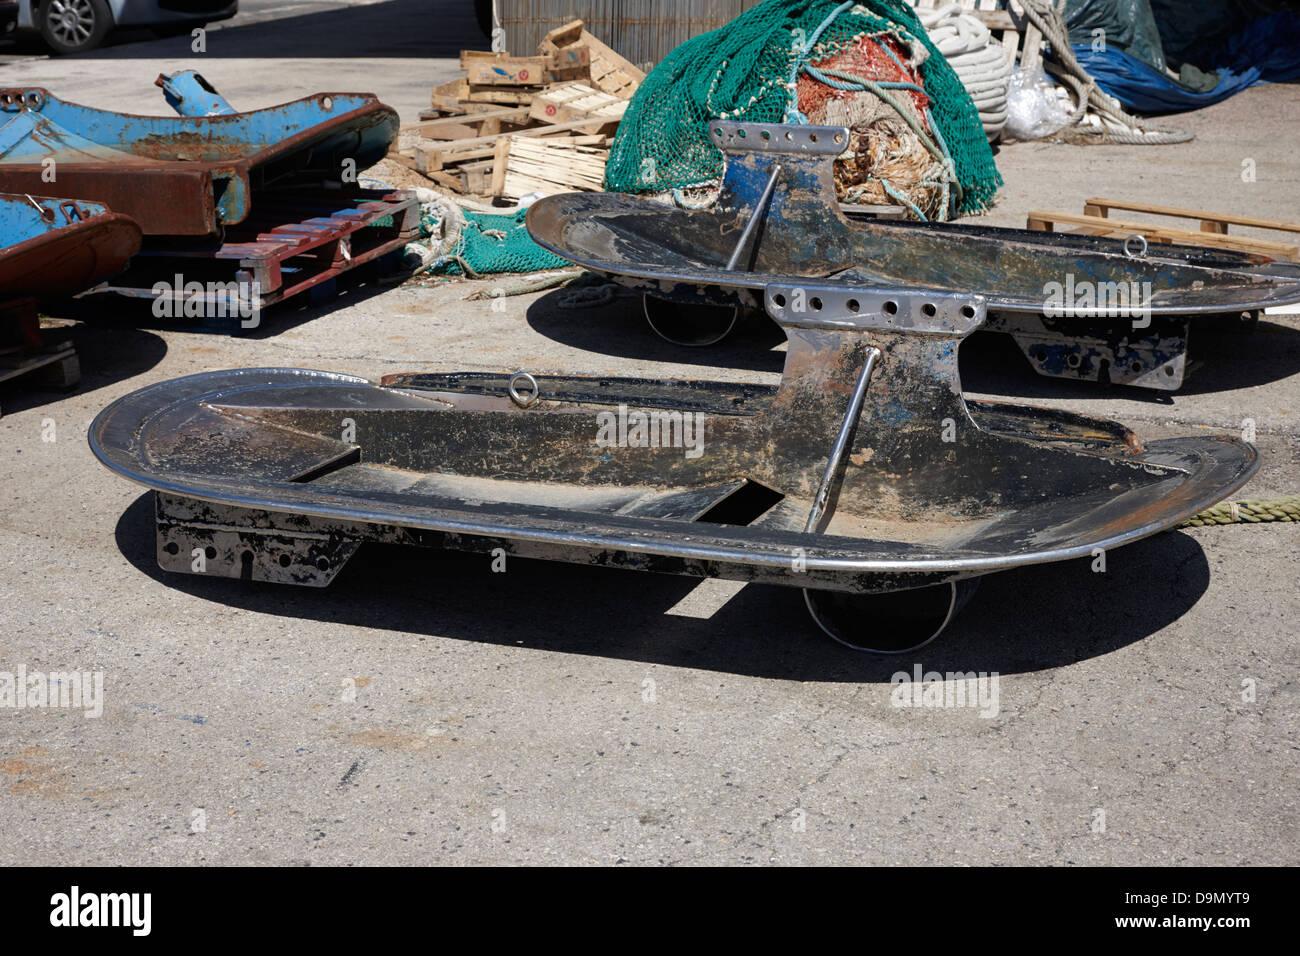 Trawl Doors Stock Photos & Trawl Doors Stock Images - Alamy